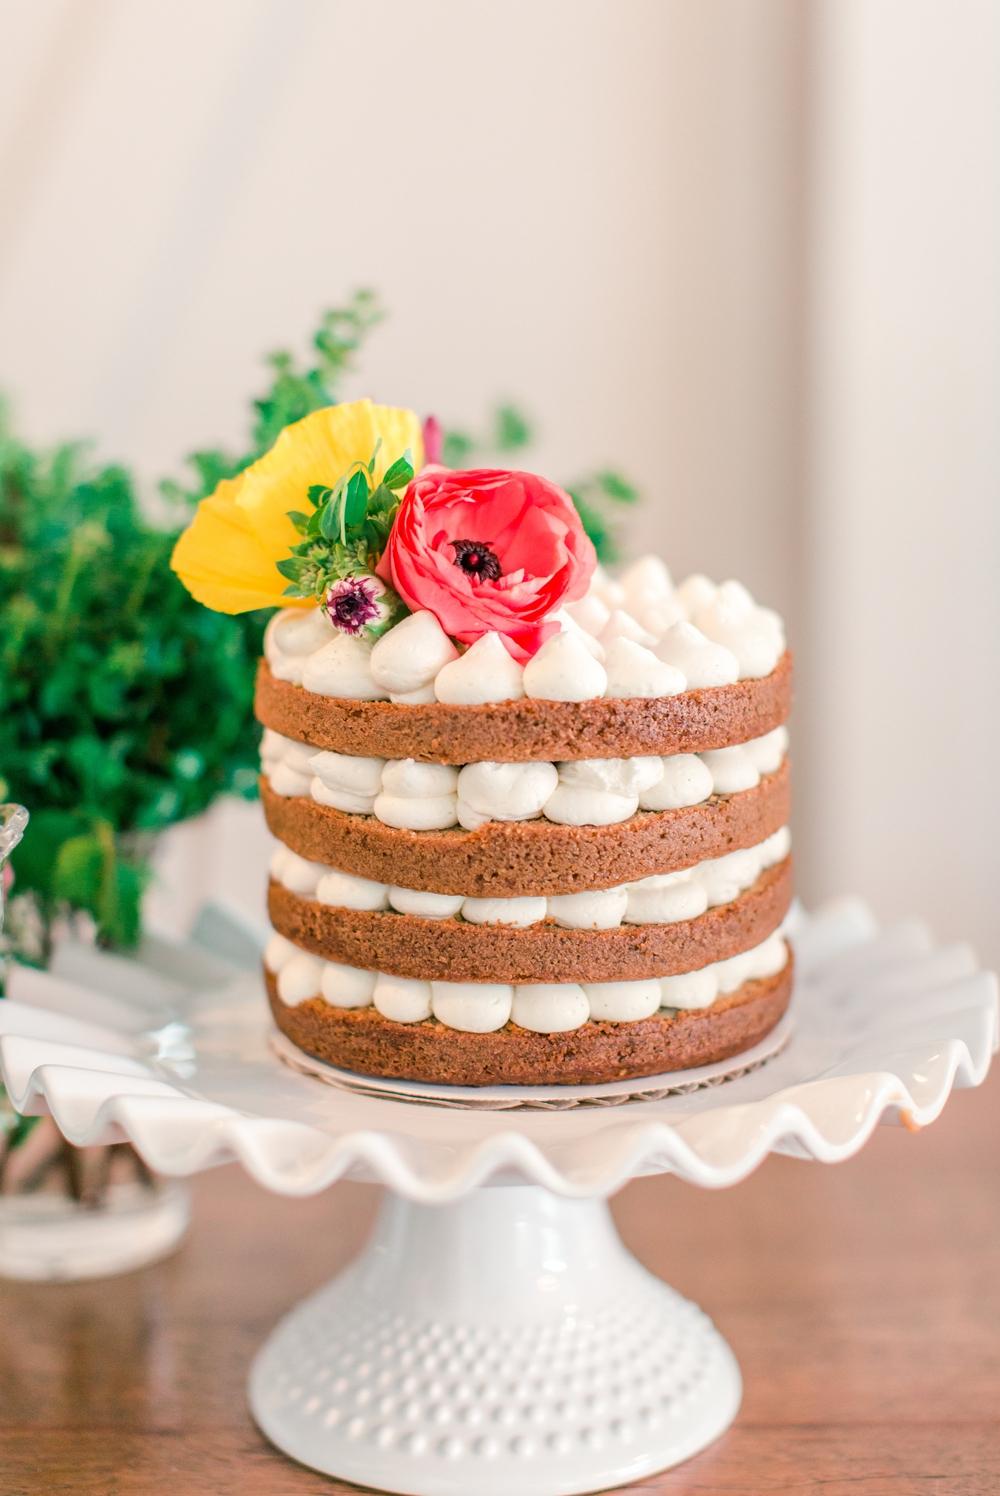 cake-decorating-workshop-floral-and-design 5.jpg